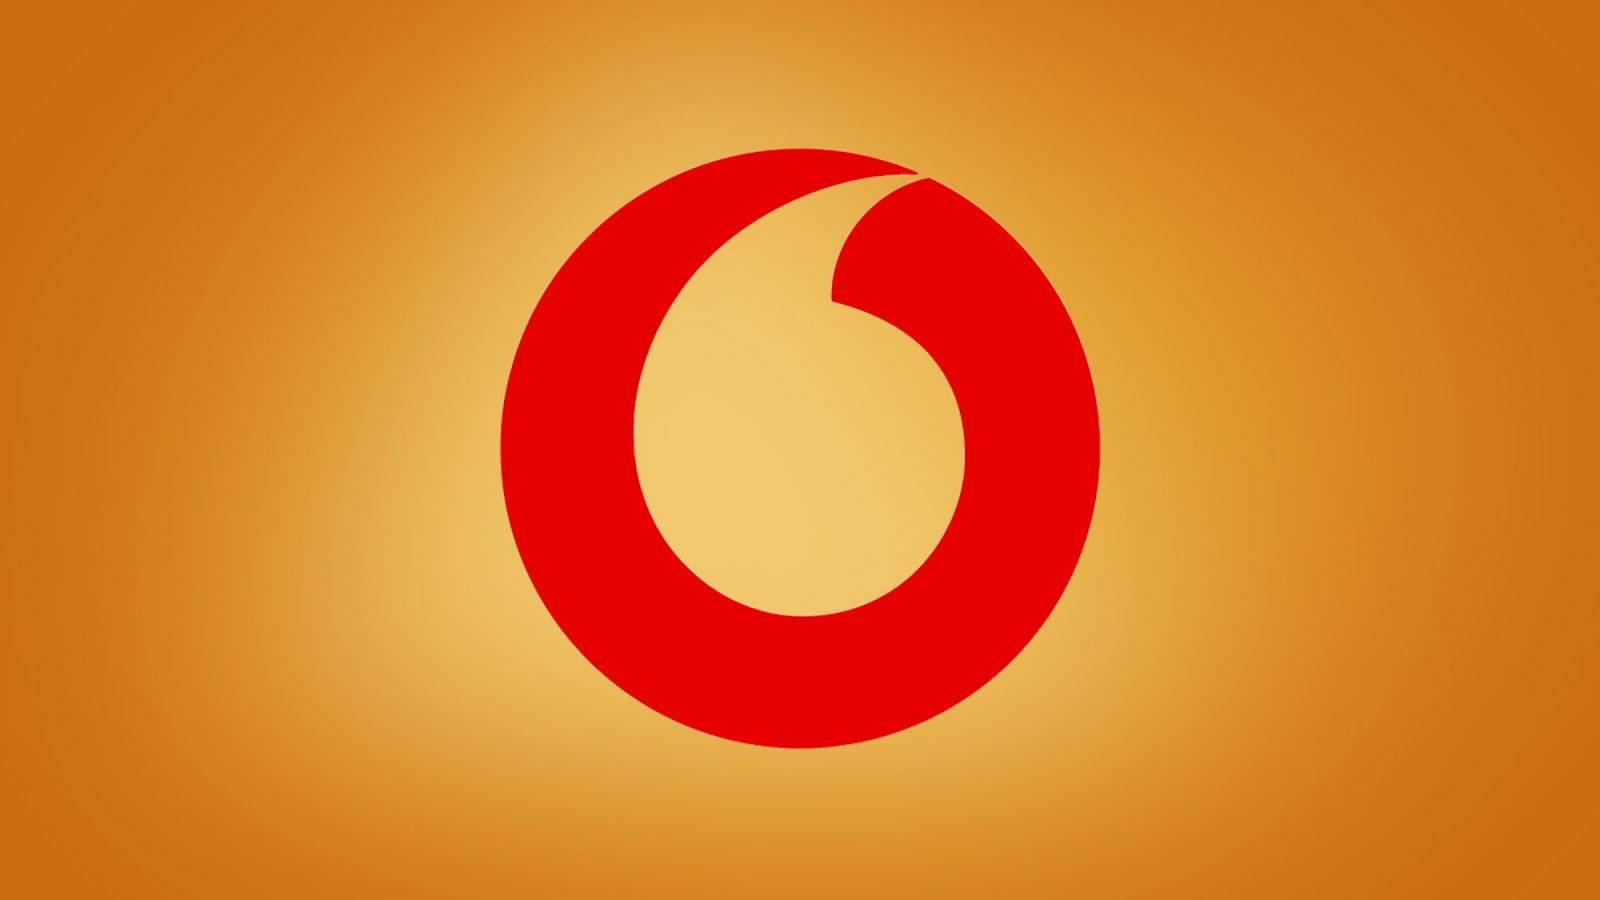 Vodafone iti Ofera pe 22 Octombrie Preturile cele mai BUNE pentru Smartphone-uri